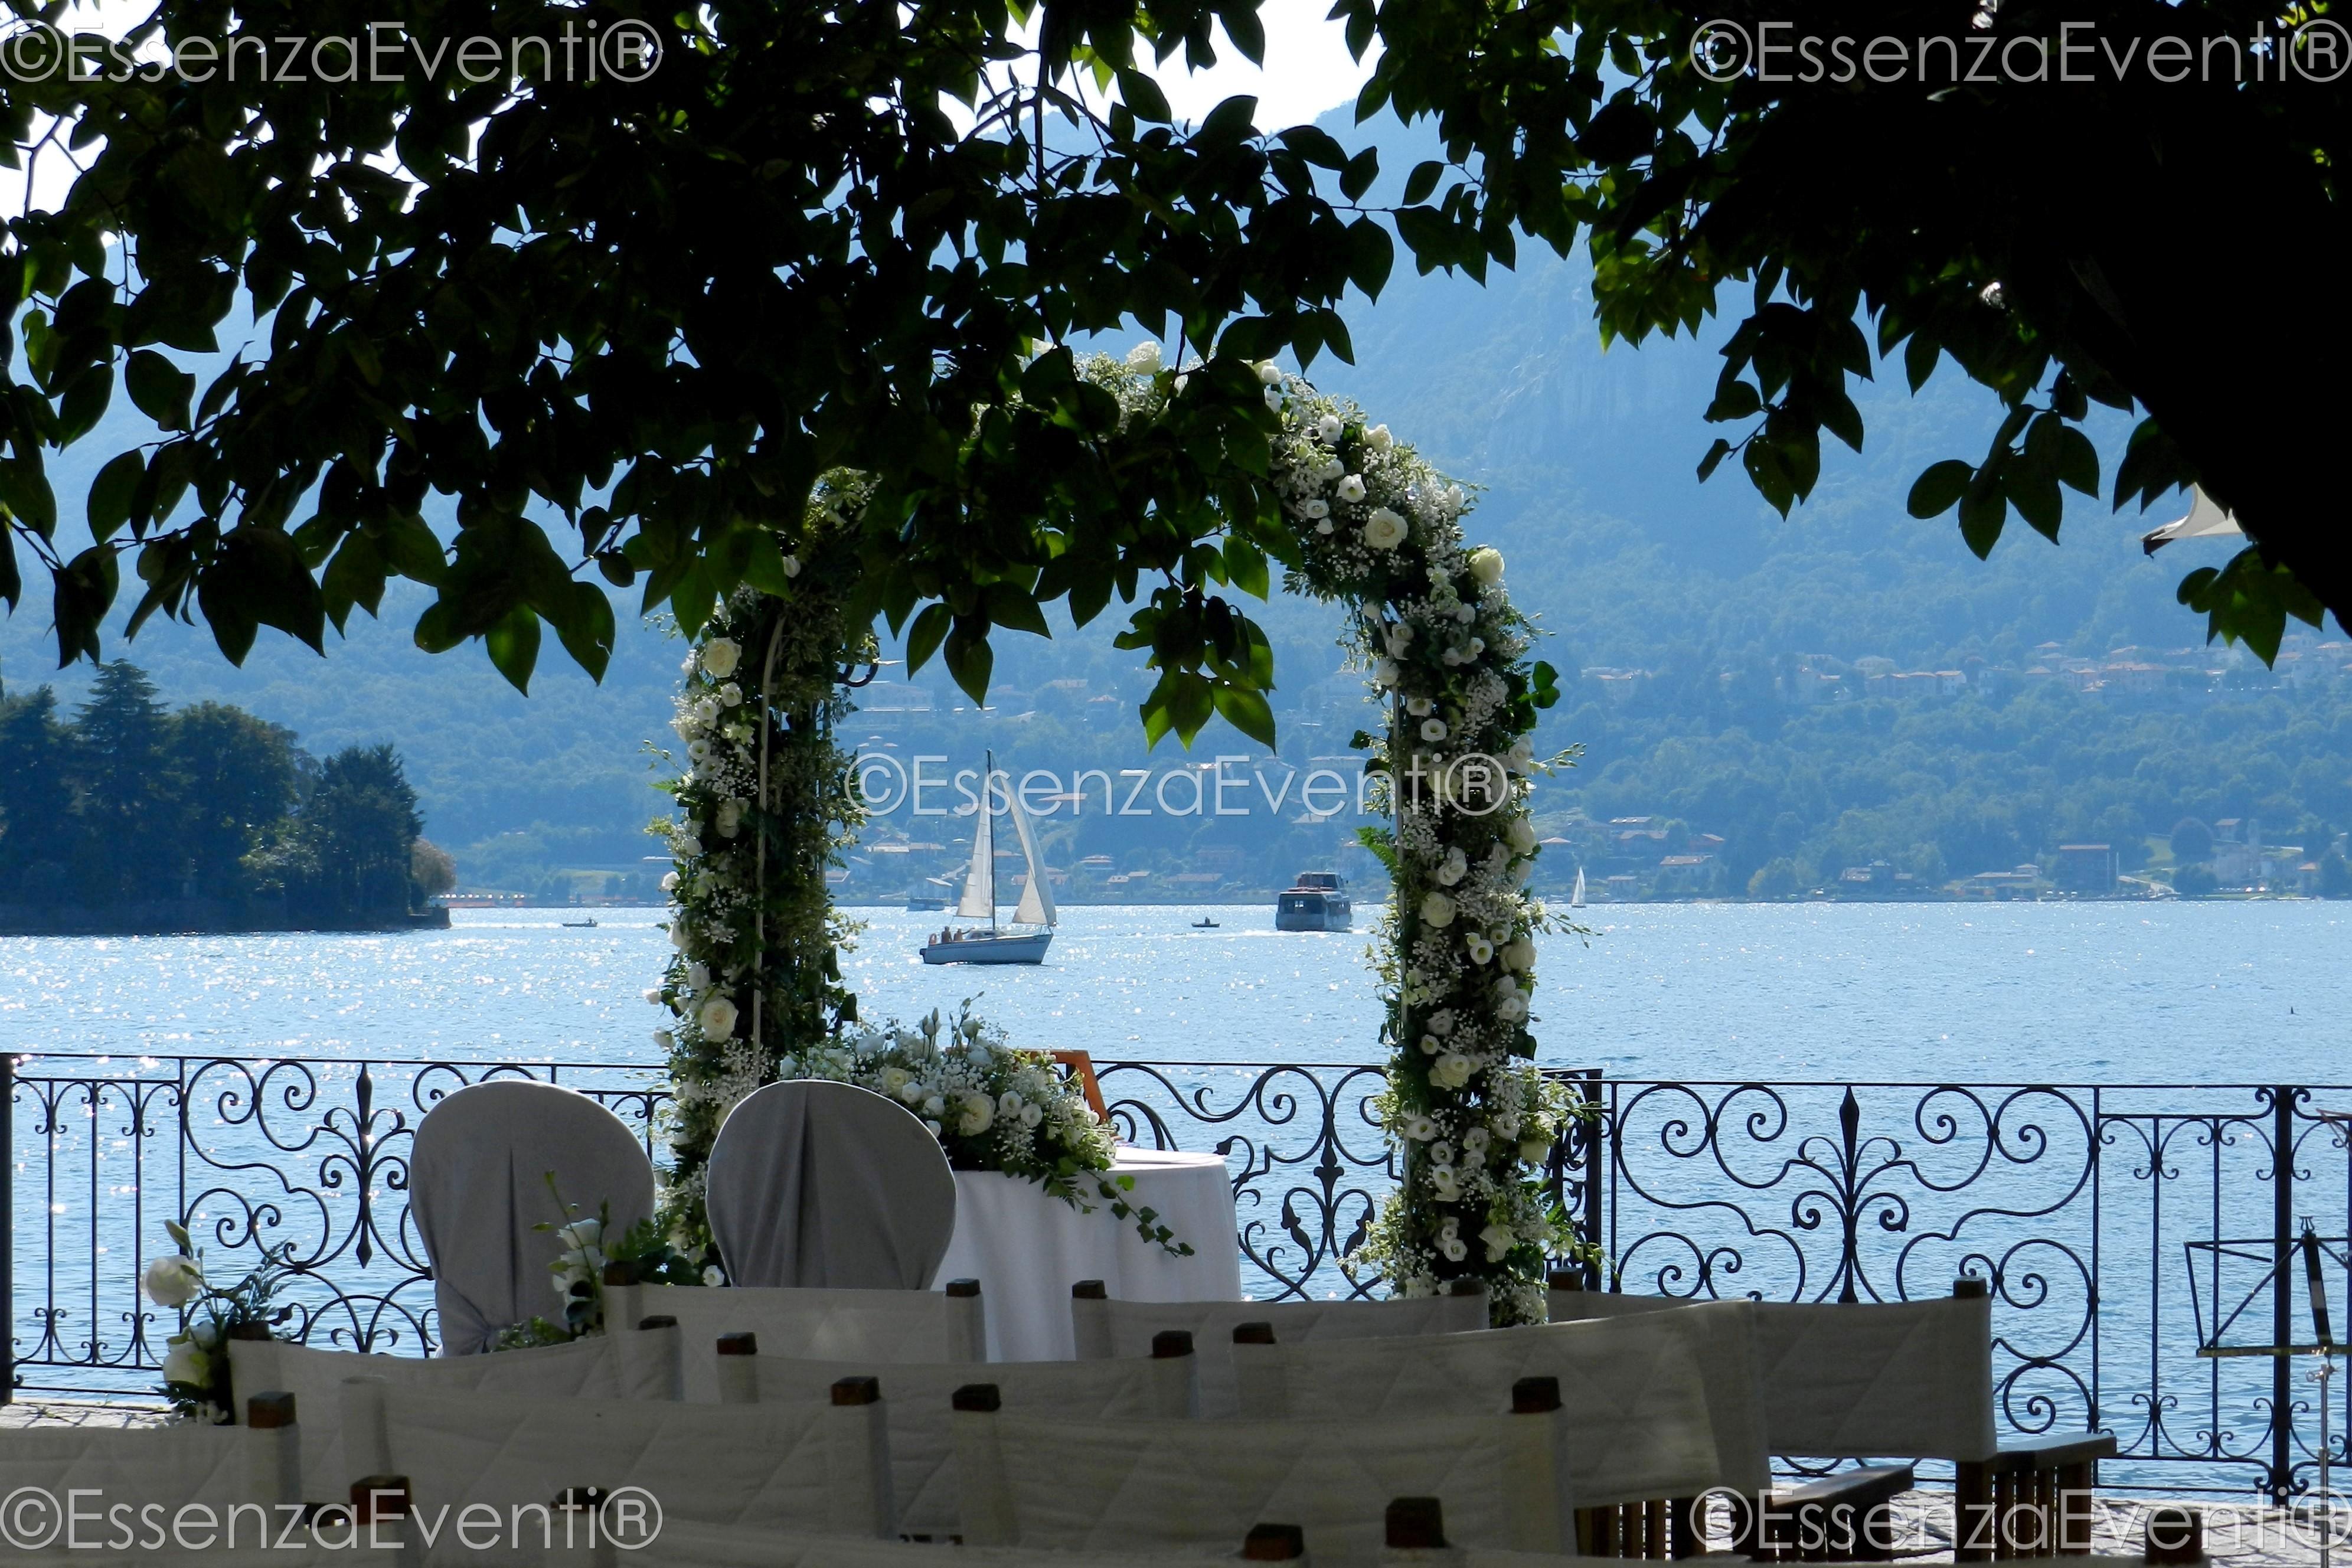 essenza-eventi-celebrant-symbolic-wedding-ceremony-lago-di-orta-12